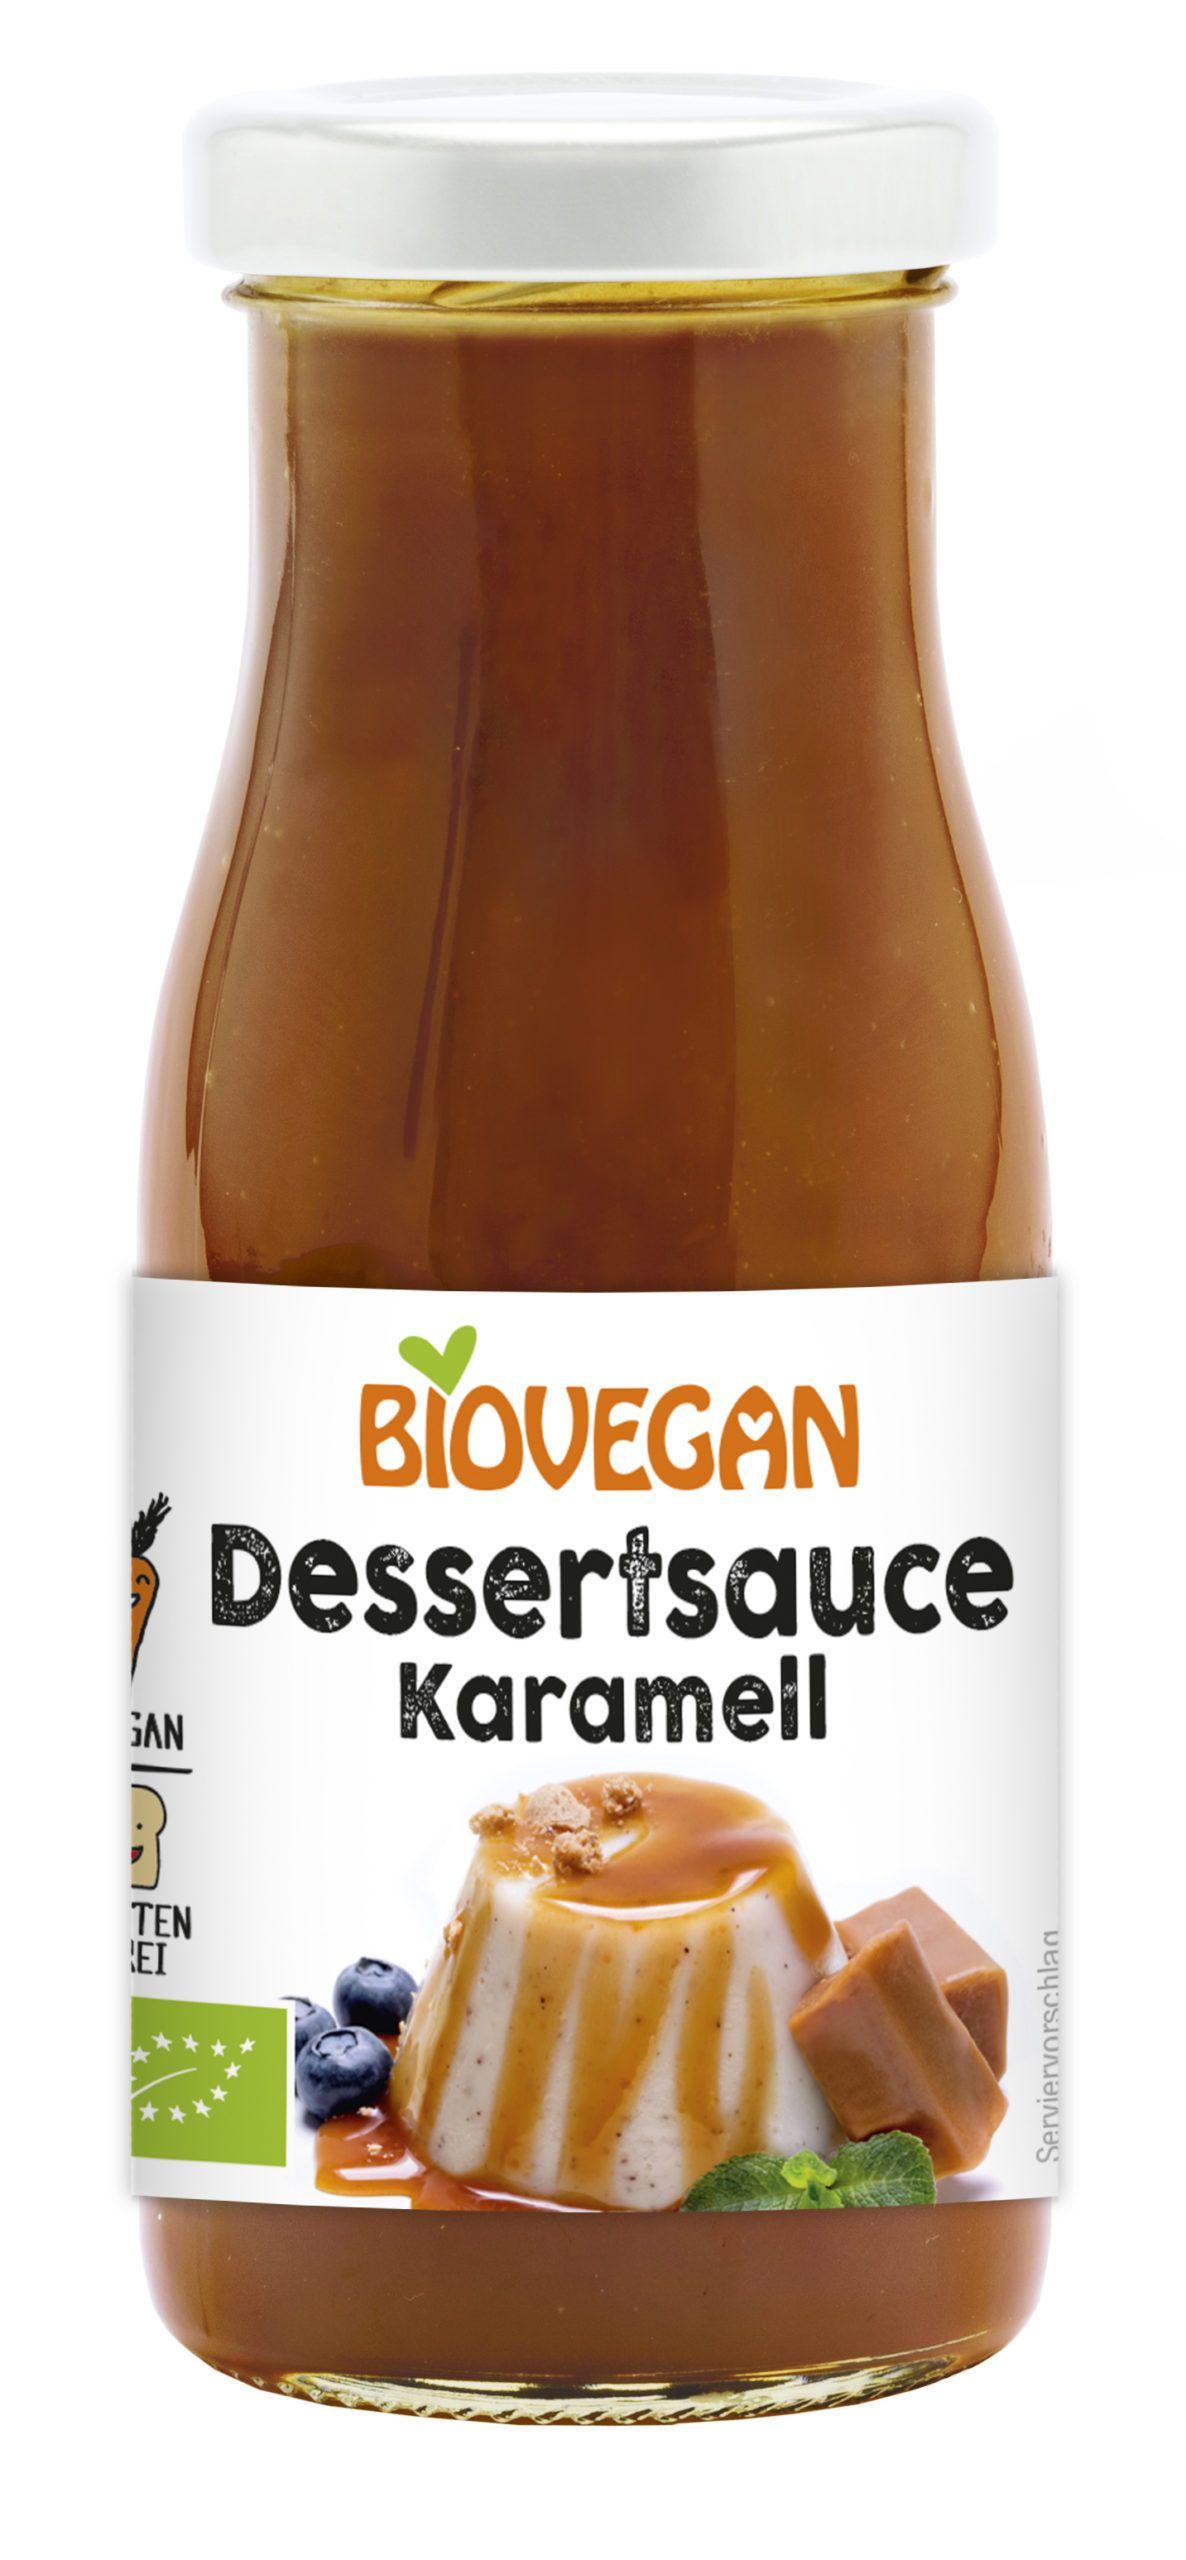 Dessertsauce Karamell in der Glasflasche